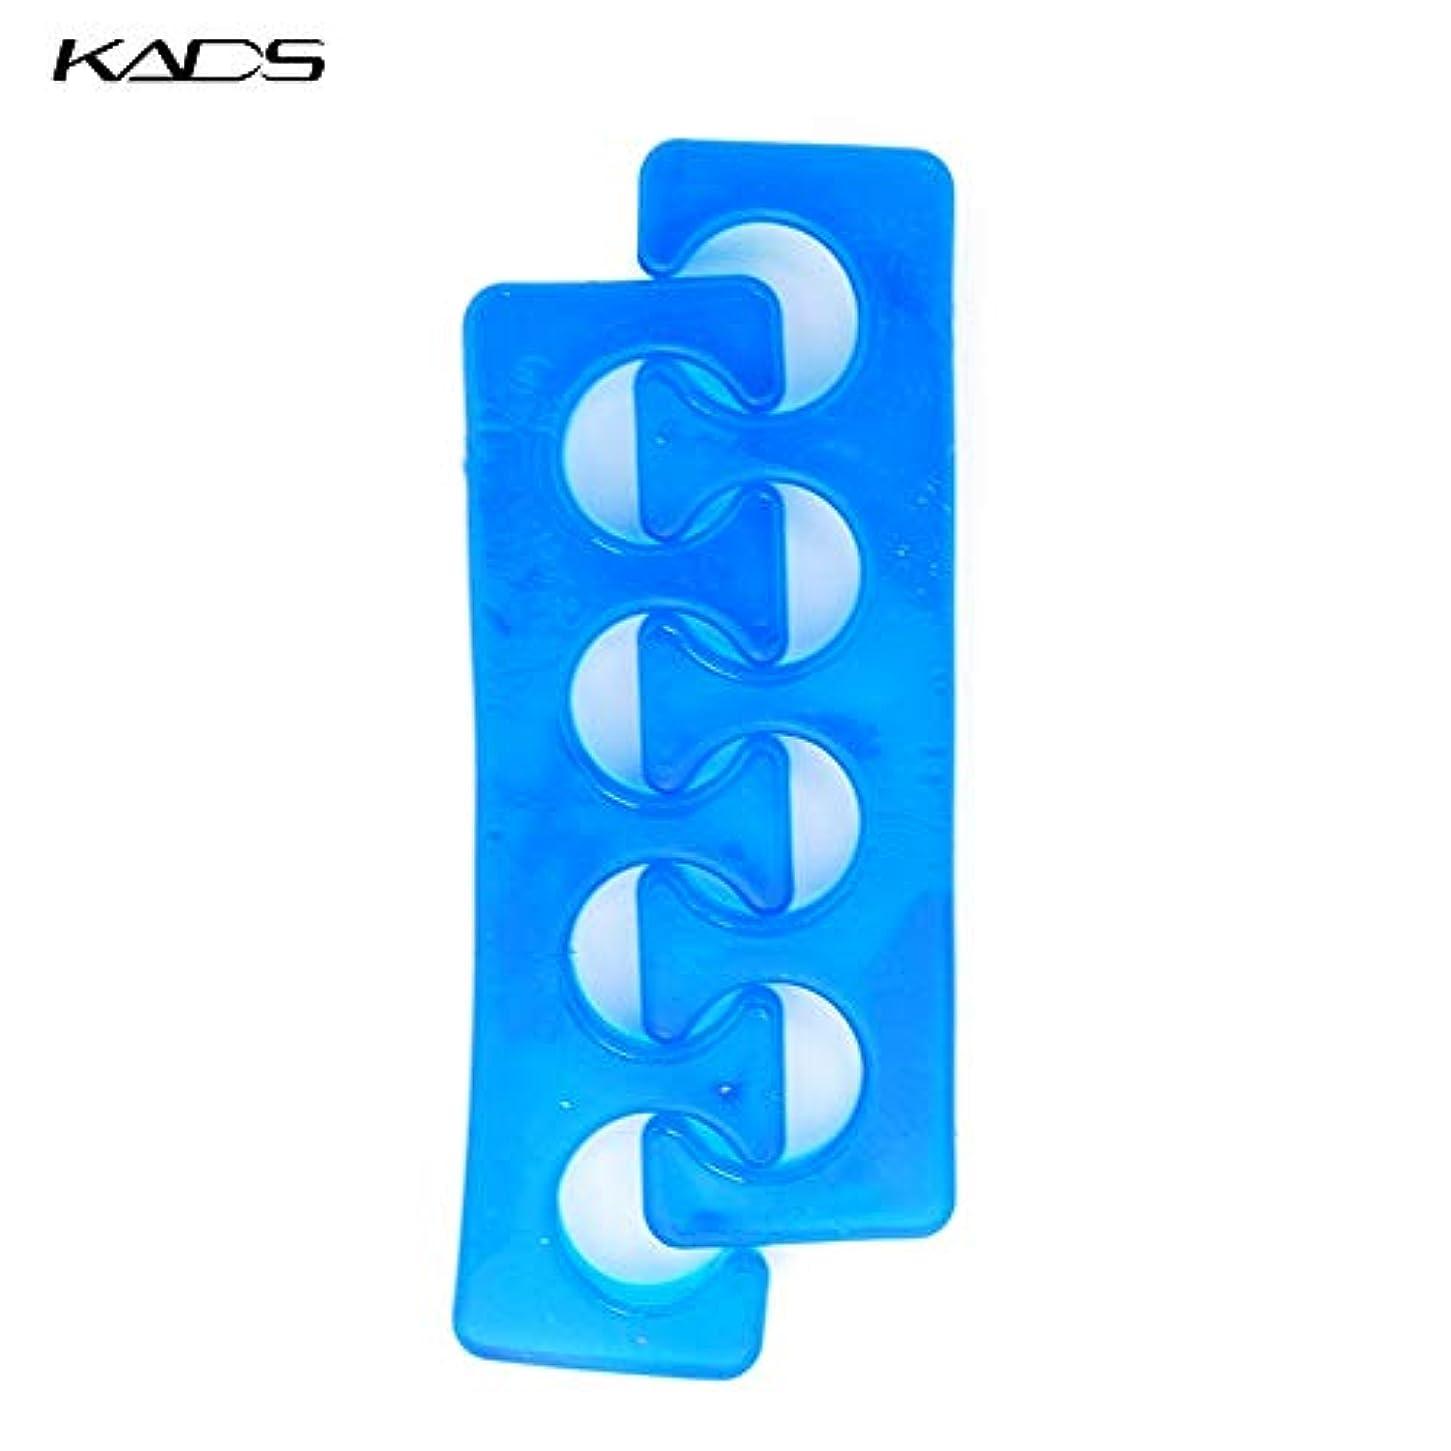 面積倒産あなたのものKADS 足指セパレーター 柔らかいシリコン製 2個入り ネイルセパレーター トウセパレーター ネイルアート用 (ブルー)